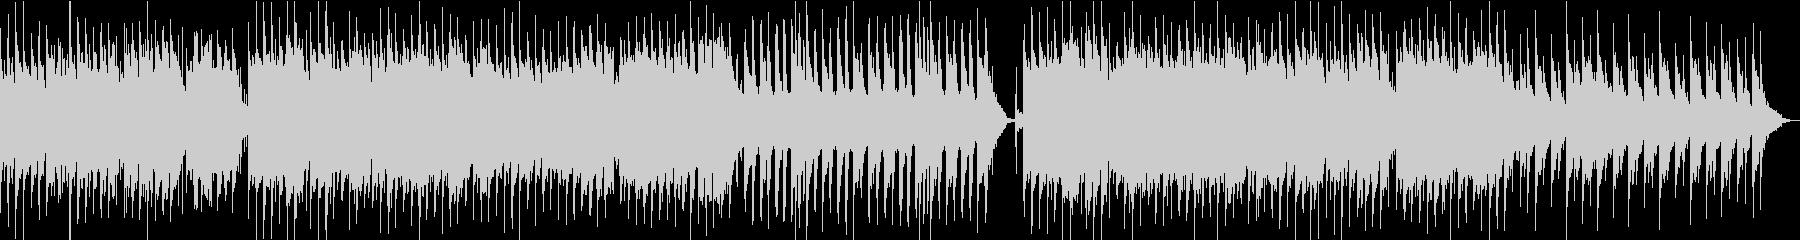 ドラマチックなピアノオーケストラ風BGMの未再生の波形